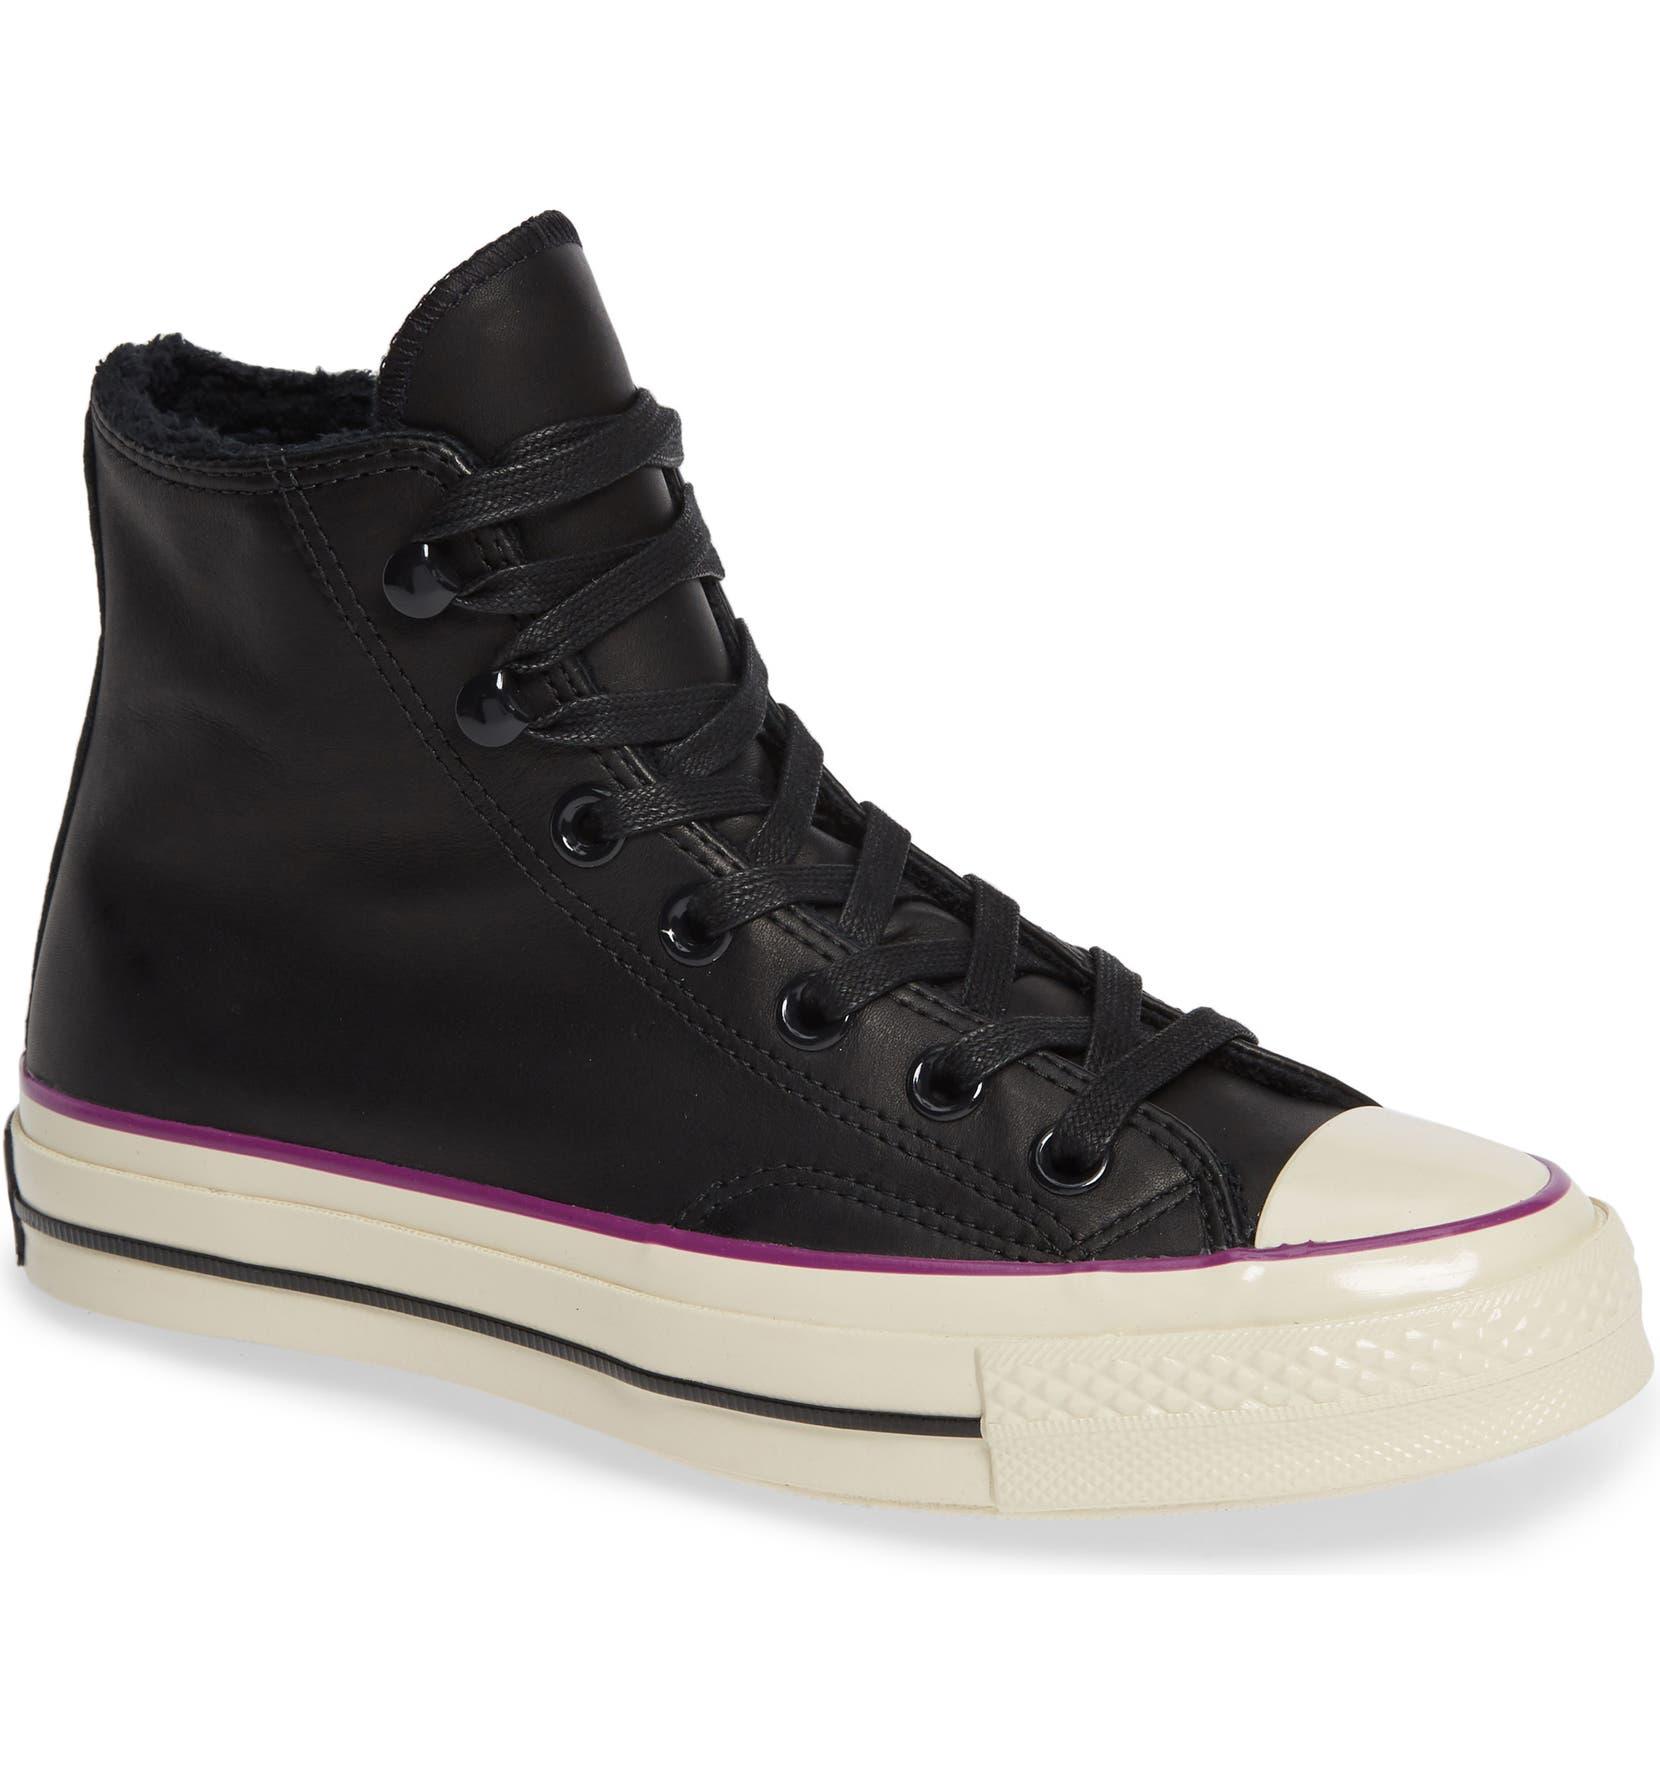 93dd81b8e332 Converse Chuck Taylor® All Star® CT 70 Street Warmer High Top Sneaker  (Women)